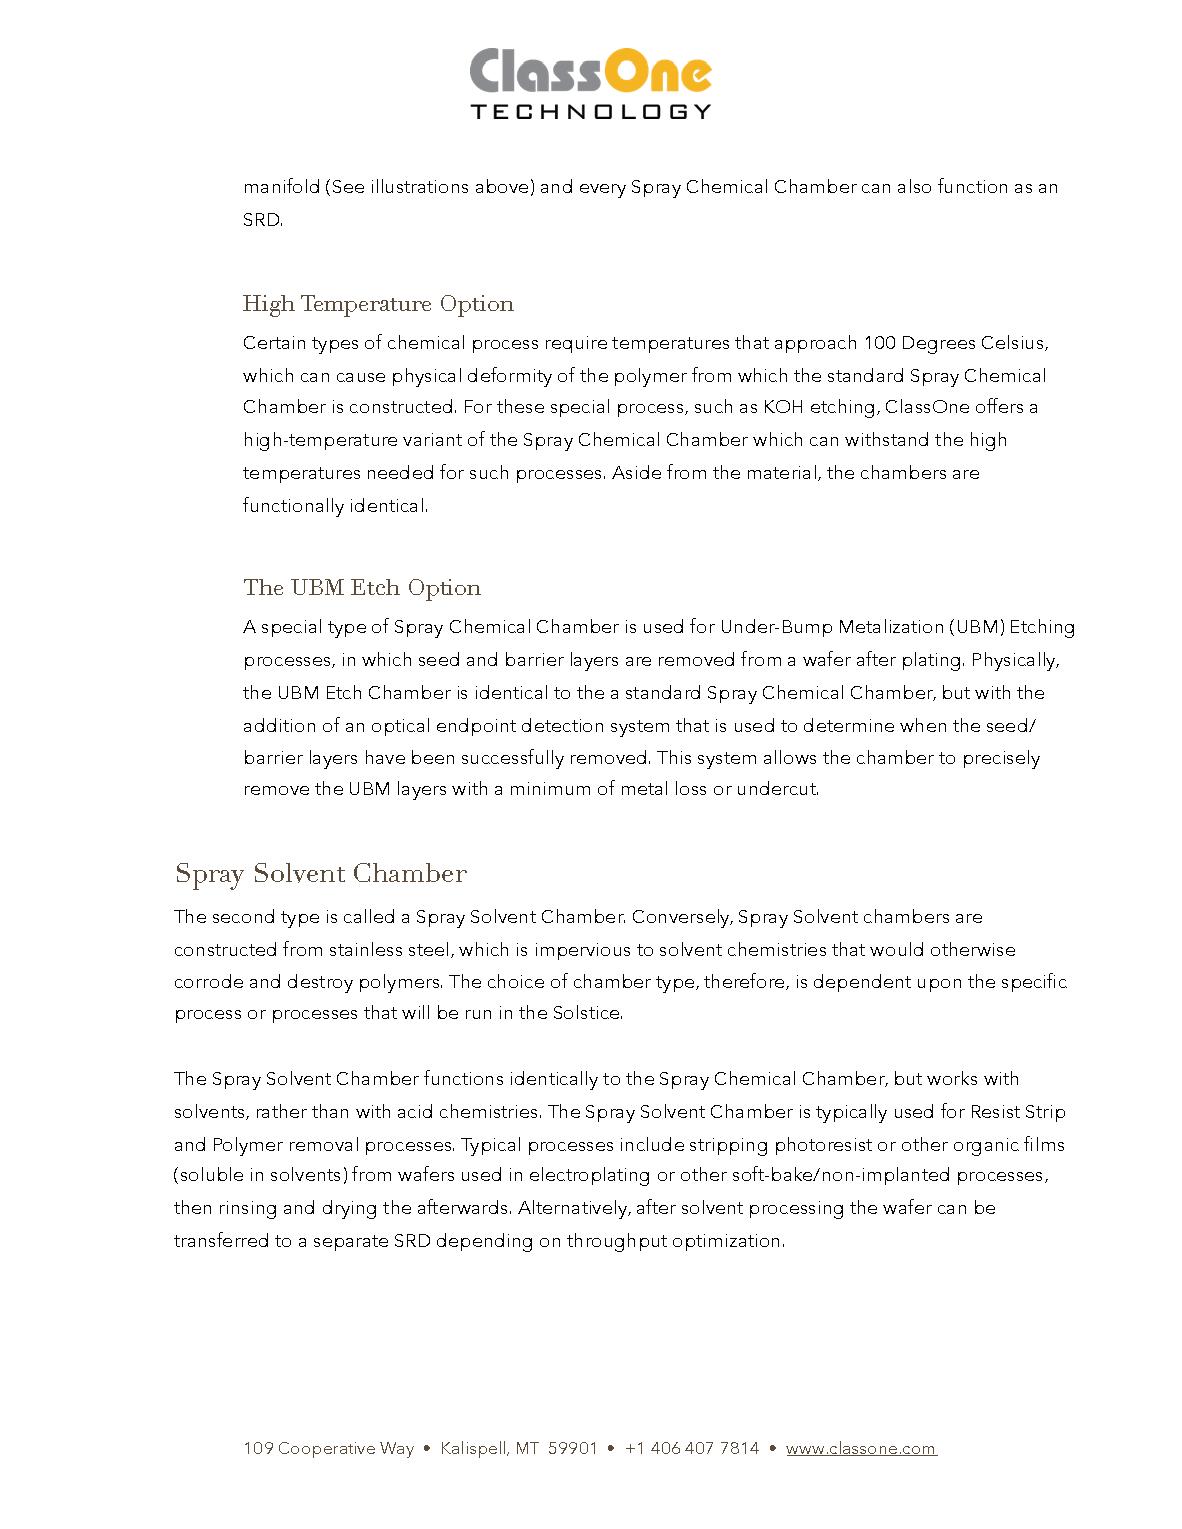 Solstice S8 Product Description_Page_09.png